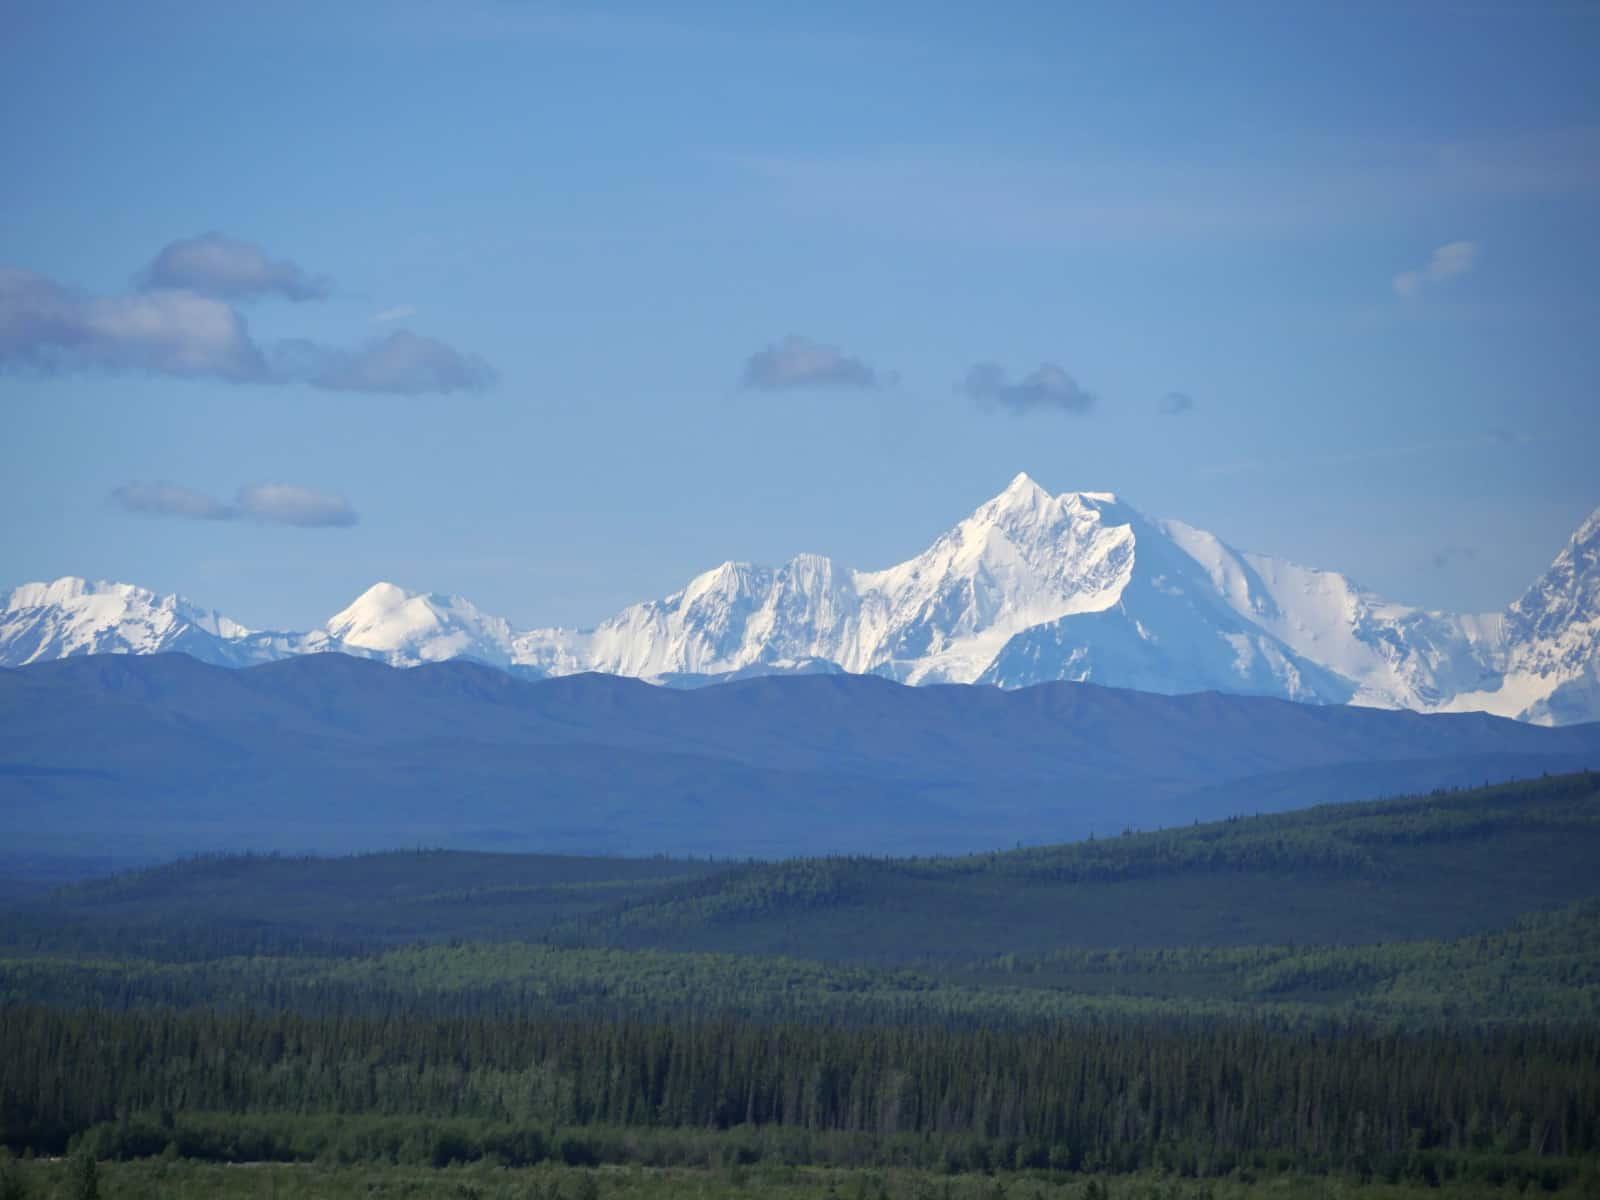 Blick auf die Alaska Range, in deren Zentralmassiv der Denali, der höchste Berg Nordamerikas steht. Leider hat er sich auf unserer Reise nicht gezeigt. Foto FasziKa